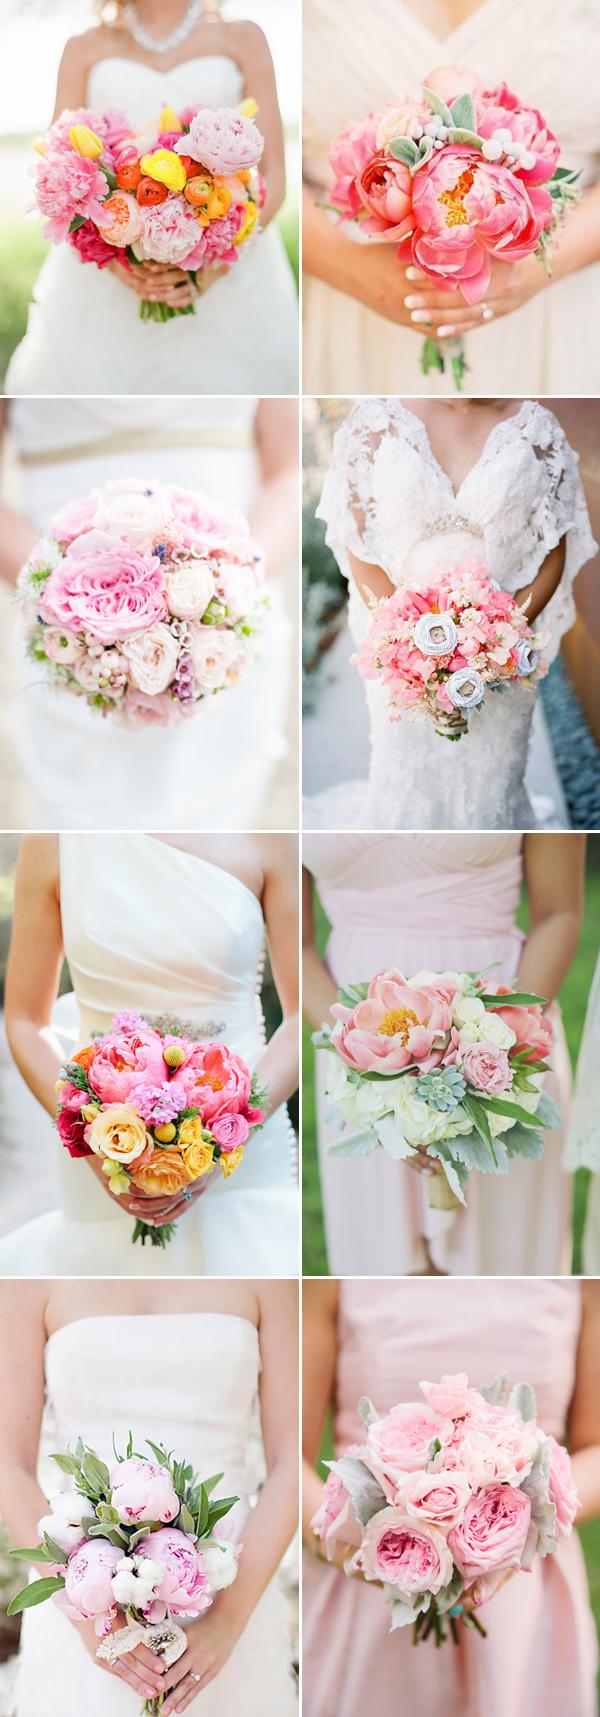 pinkbouquets02-sweet.jpg